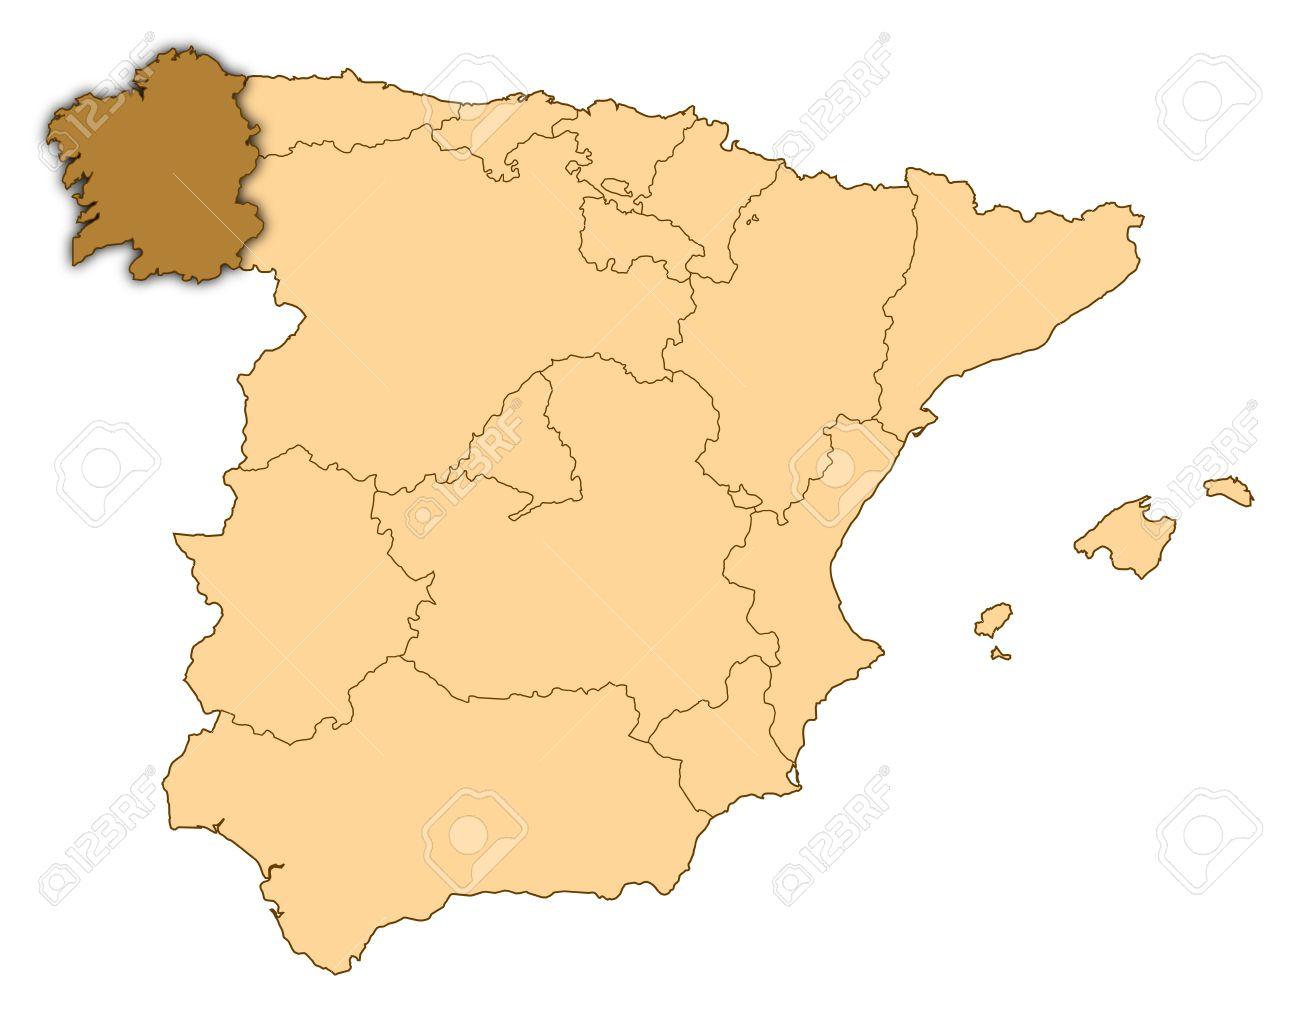 Mapa De Galicia España.Mapa De Espana Galicia Donde Se Resalta